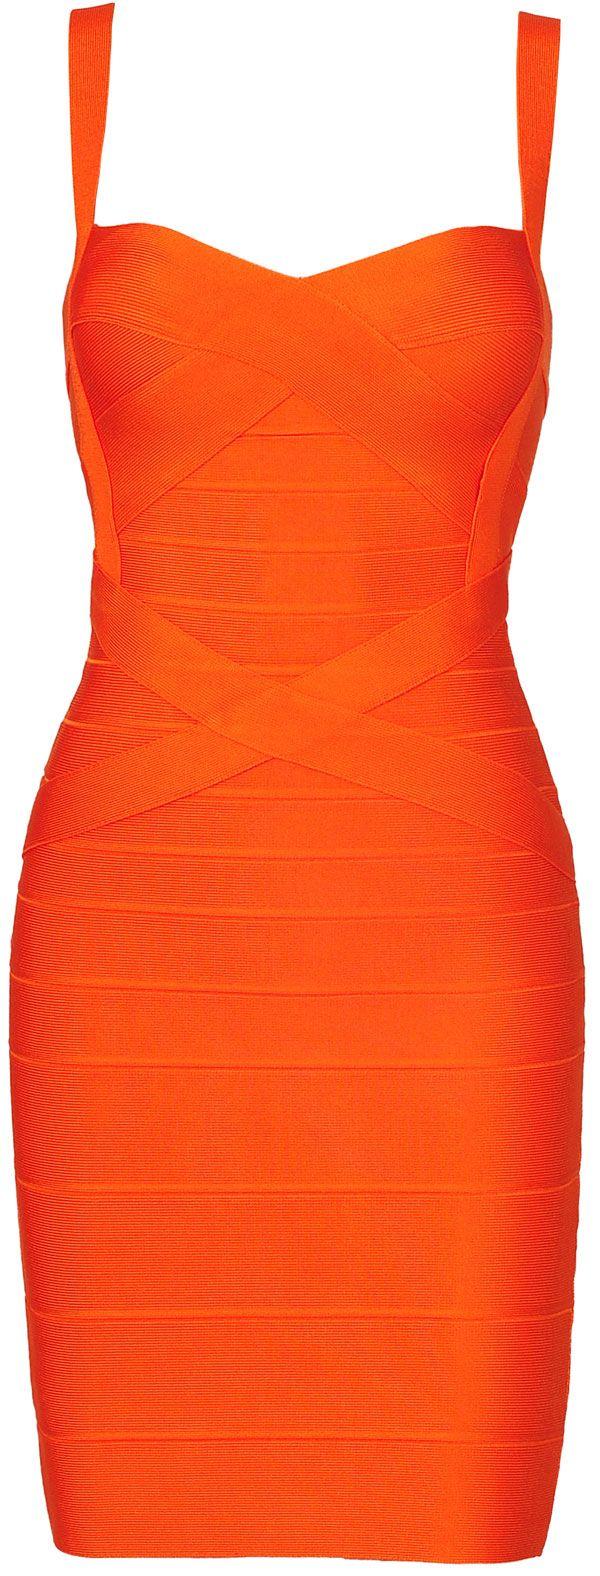 Buy Dresses | Women's Dresses Online - iKrush